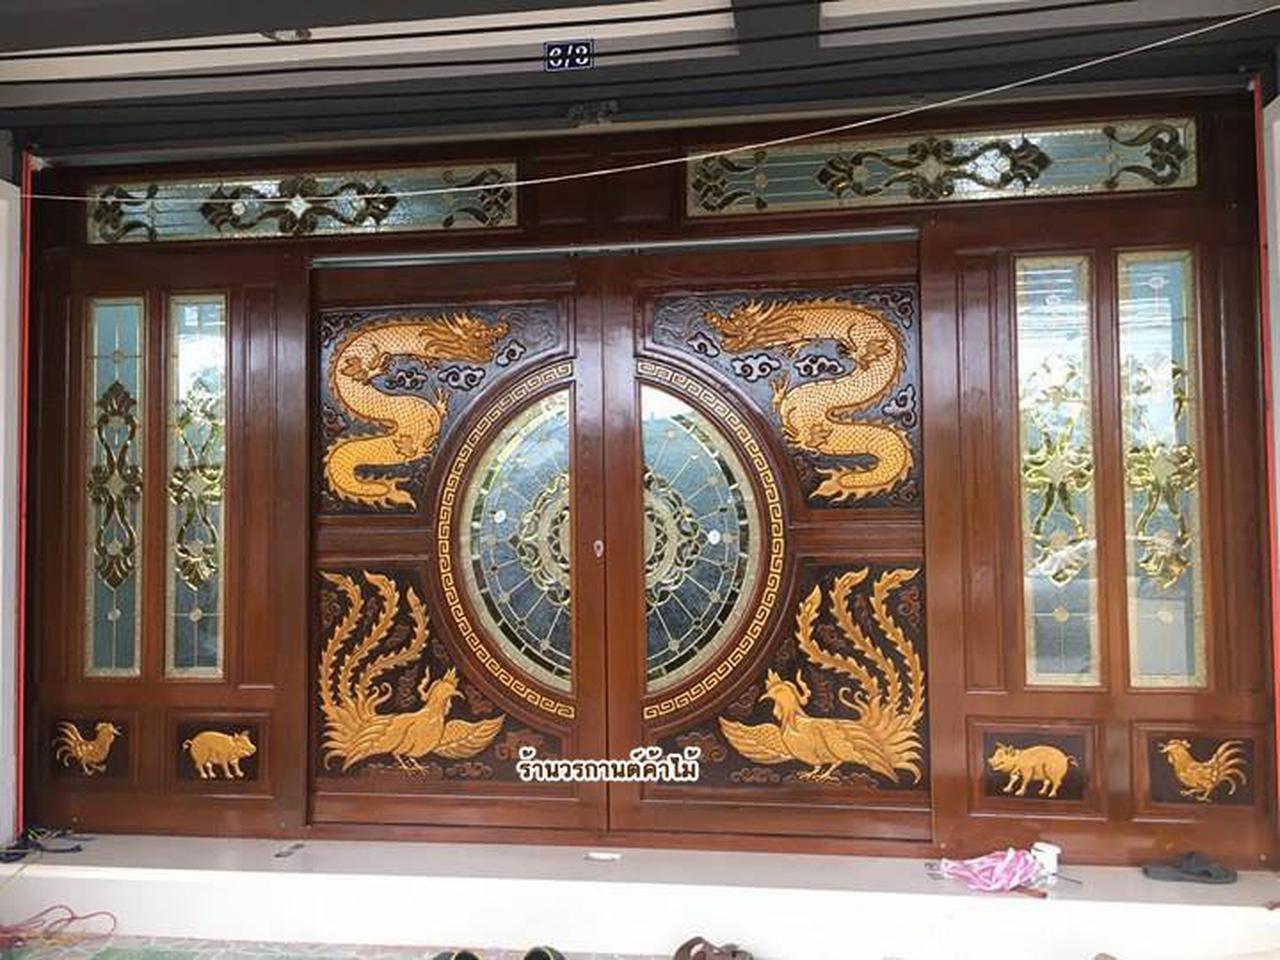 ประตูไม้สักกระจกนิรภัย , ประตูไม้สักบานคู่ ร้านวรกานต์ค้าไม้ door-woodhome.com รูปที่ 3